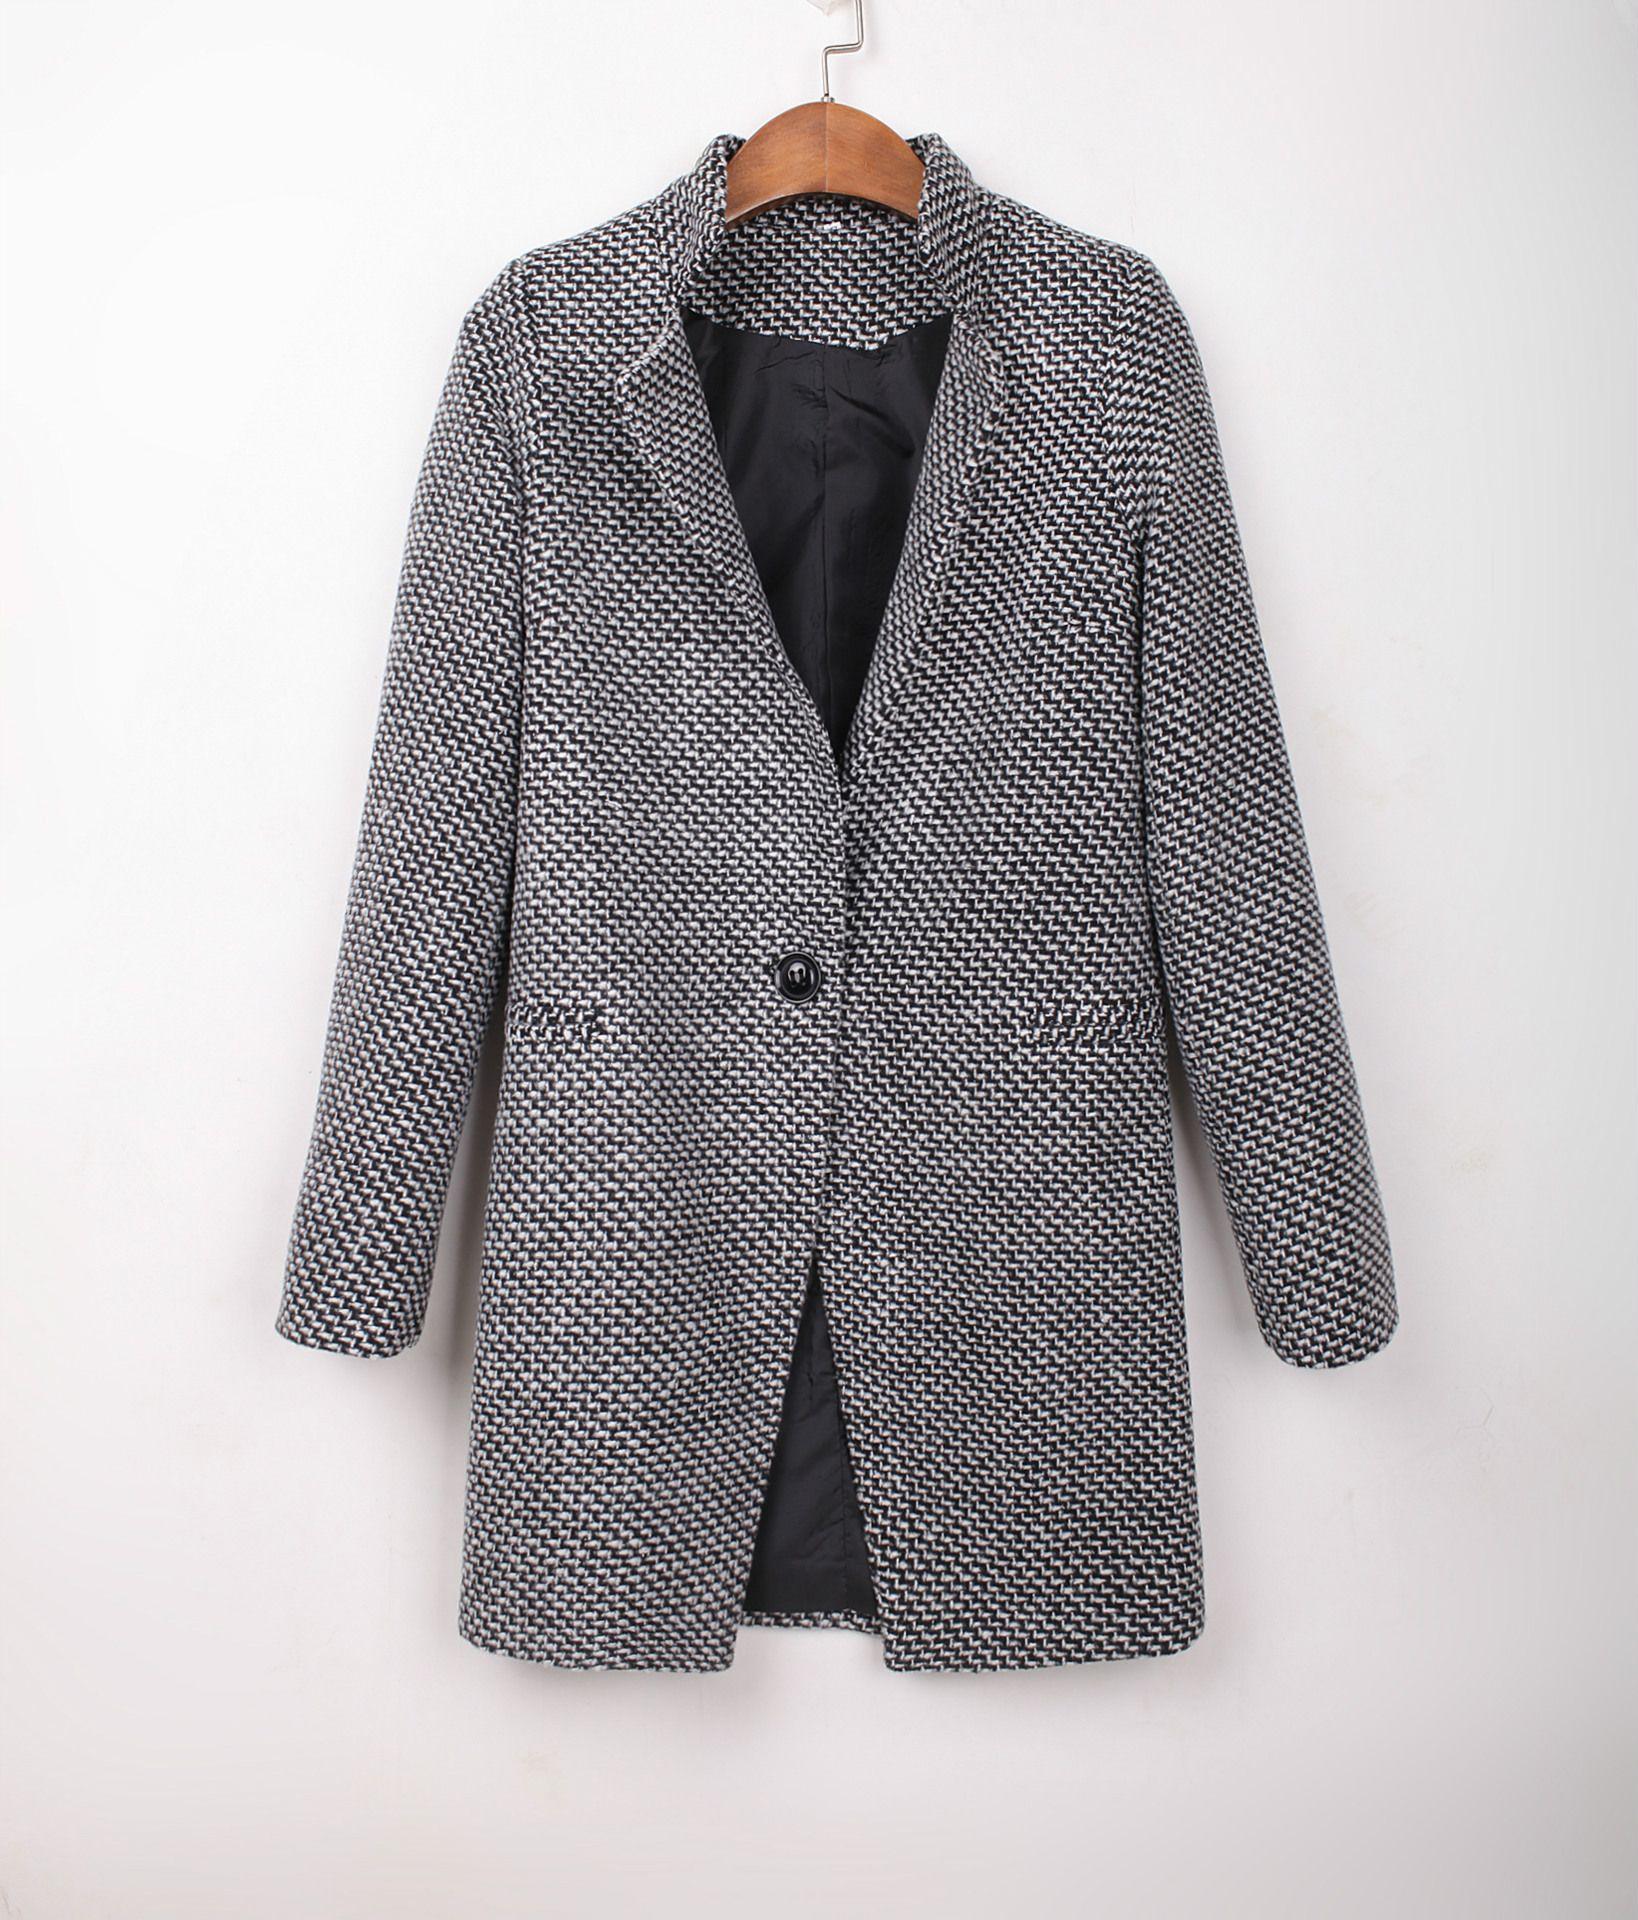 Vestes et manteaux femme élégants